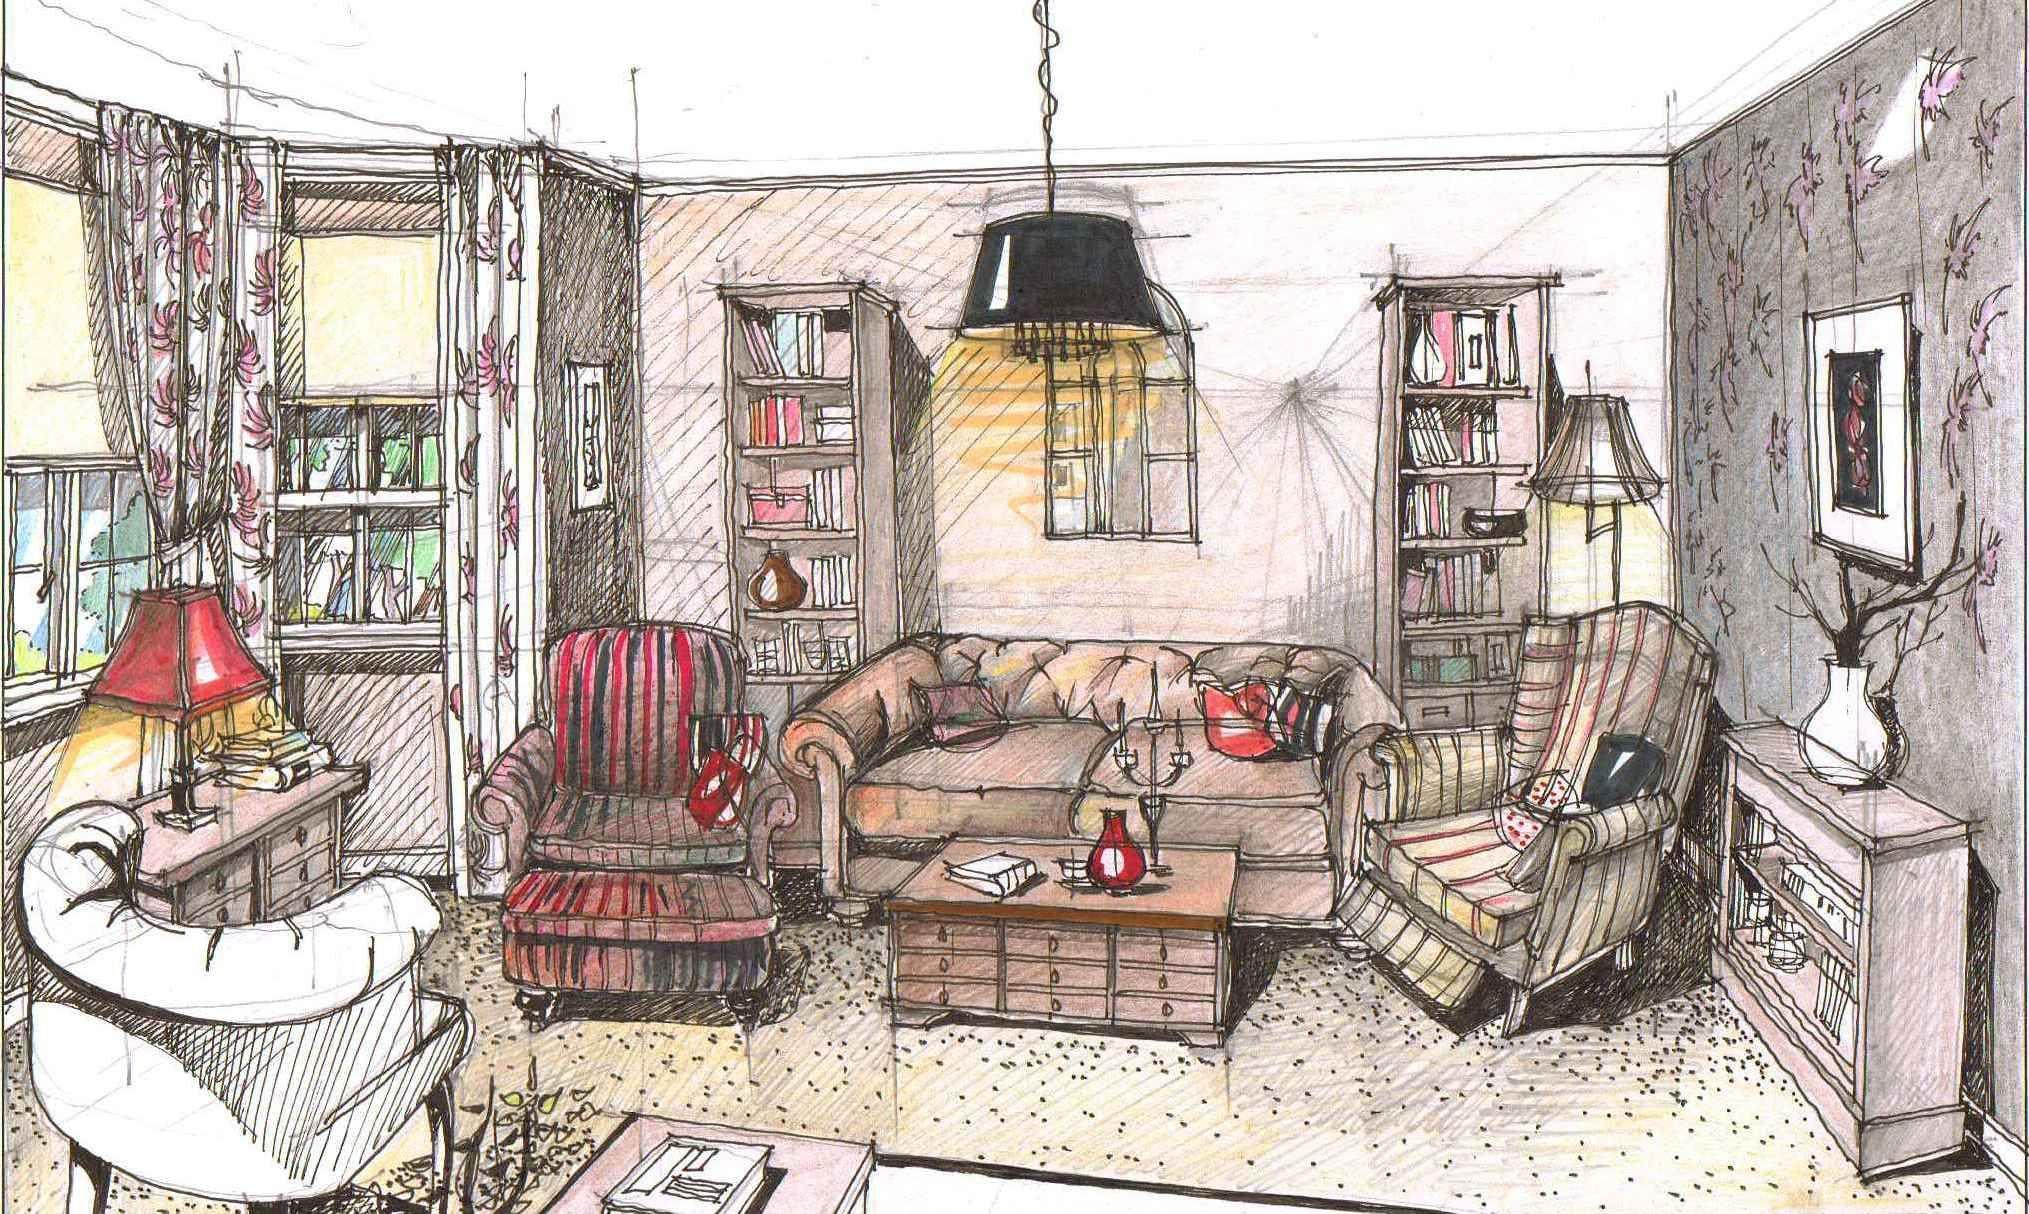 каждой рисунок про квартиру несколько рекомендаций для